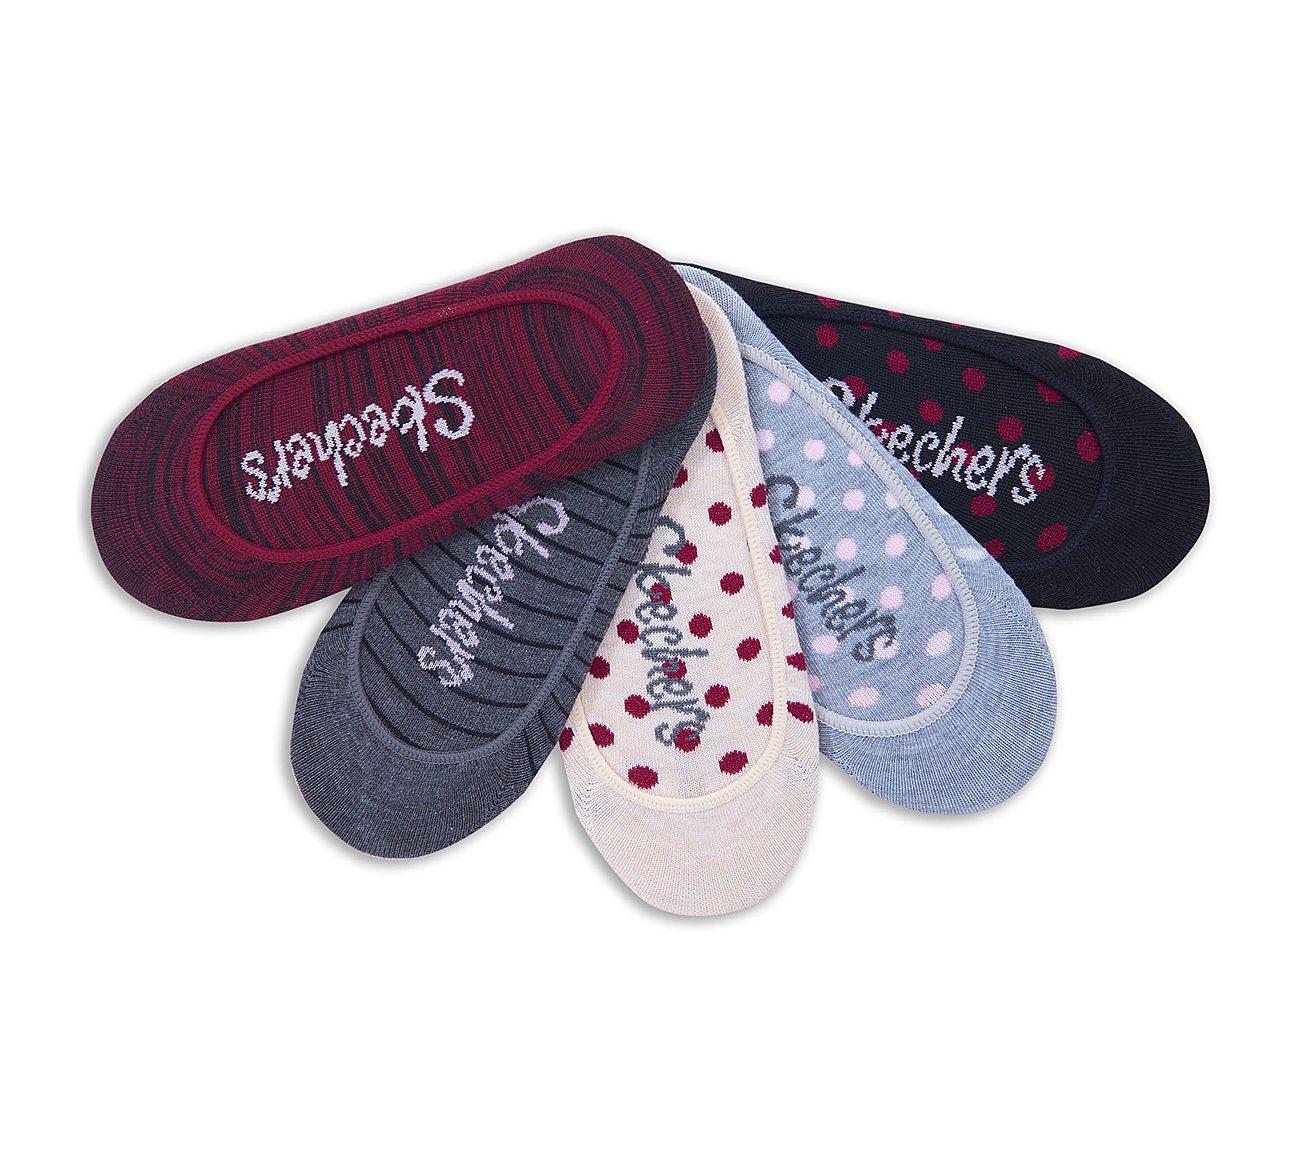 5 Pack Striped Liner Socks